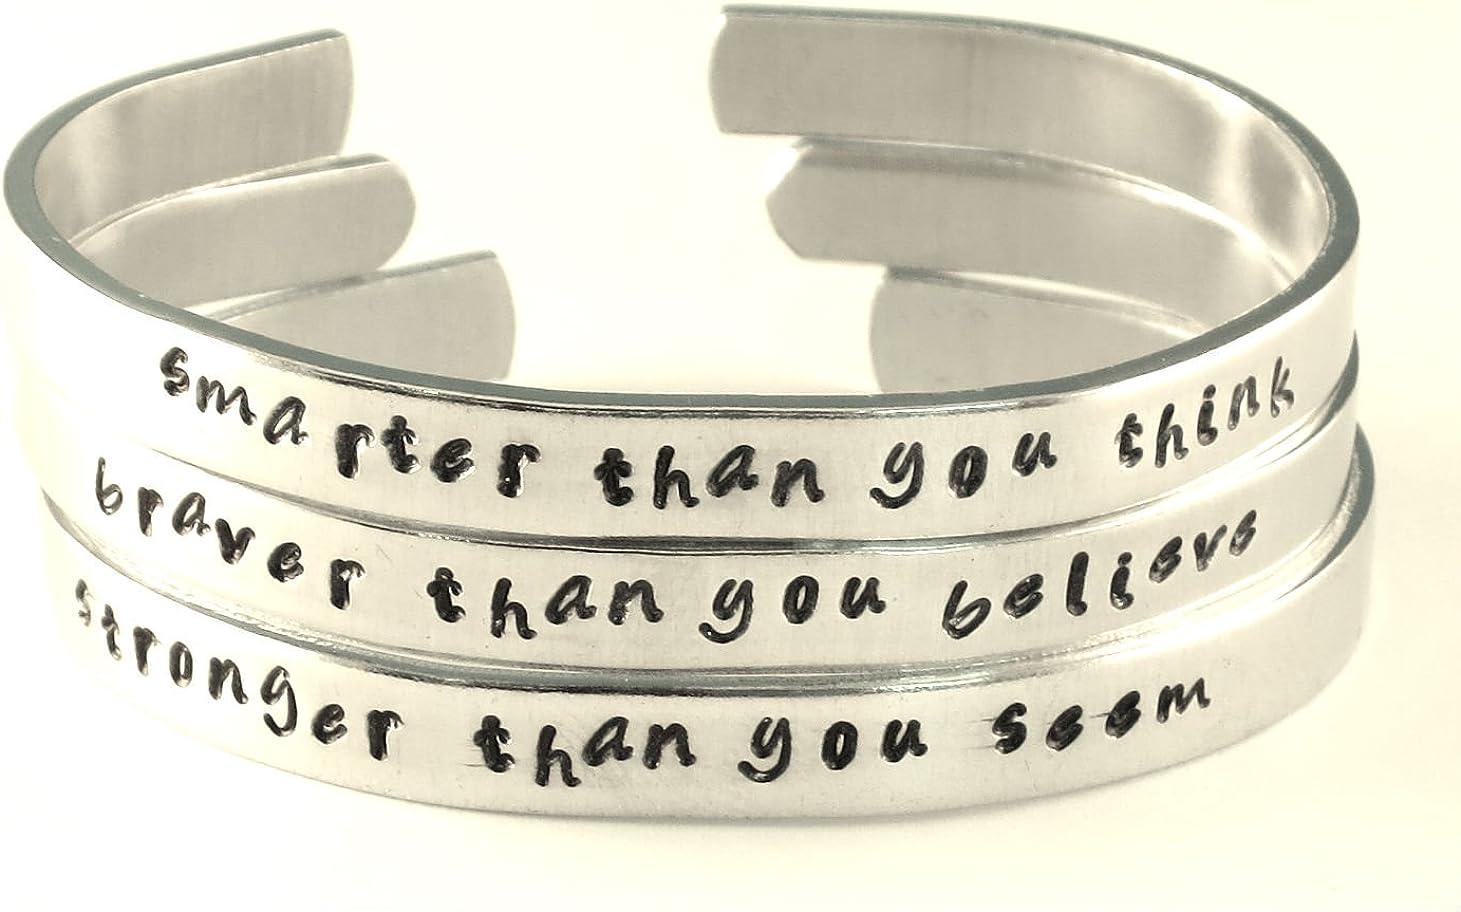 BFJLIFE Inspirational Cuff Bracelet Motivational Mantra Bangle Engraved Bracelet